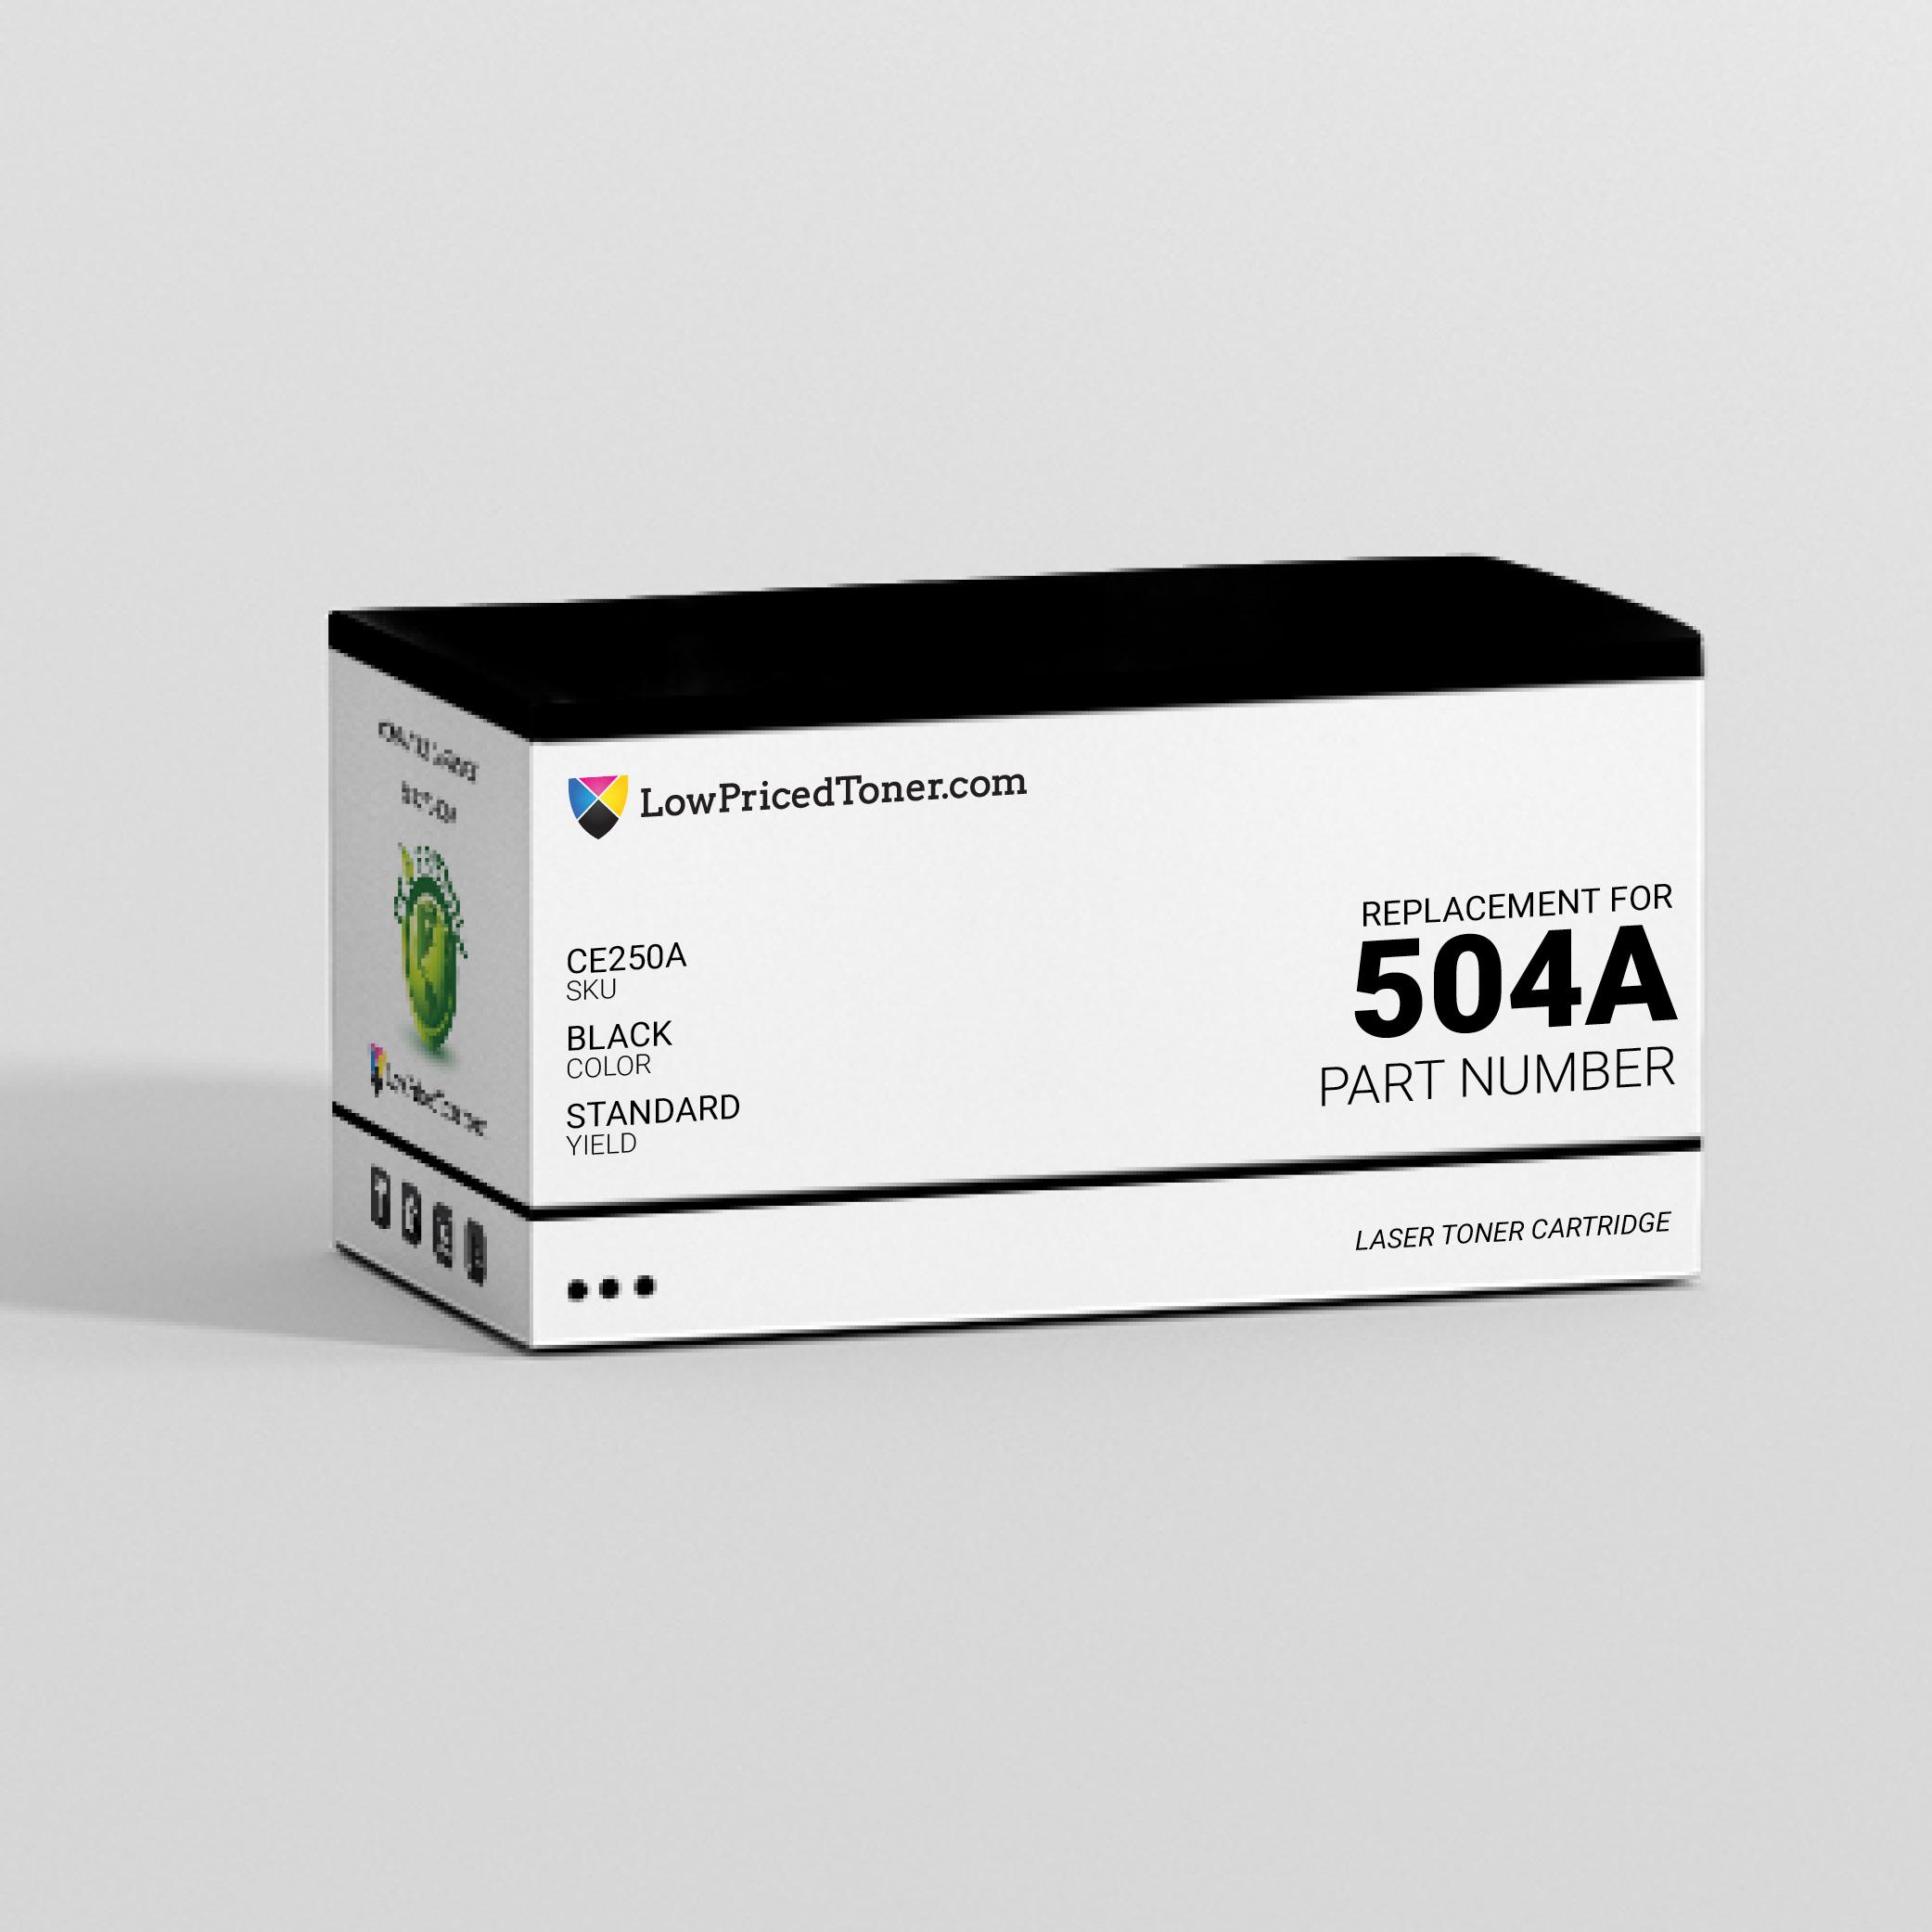 HP CE250A 504A Remanufactured Black Laser Toner Cartridge